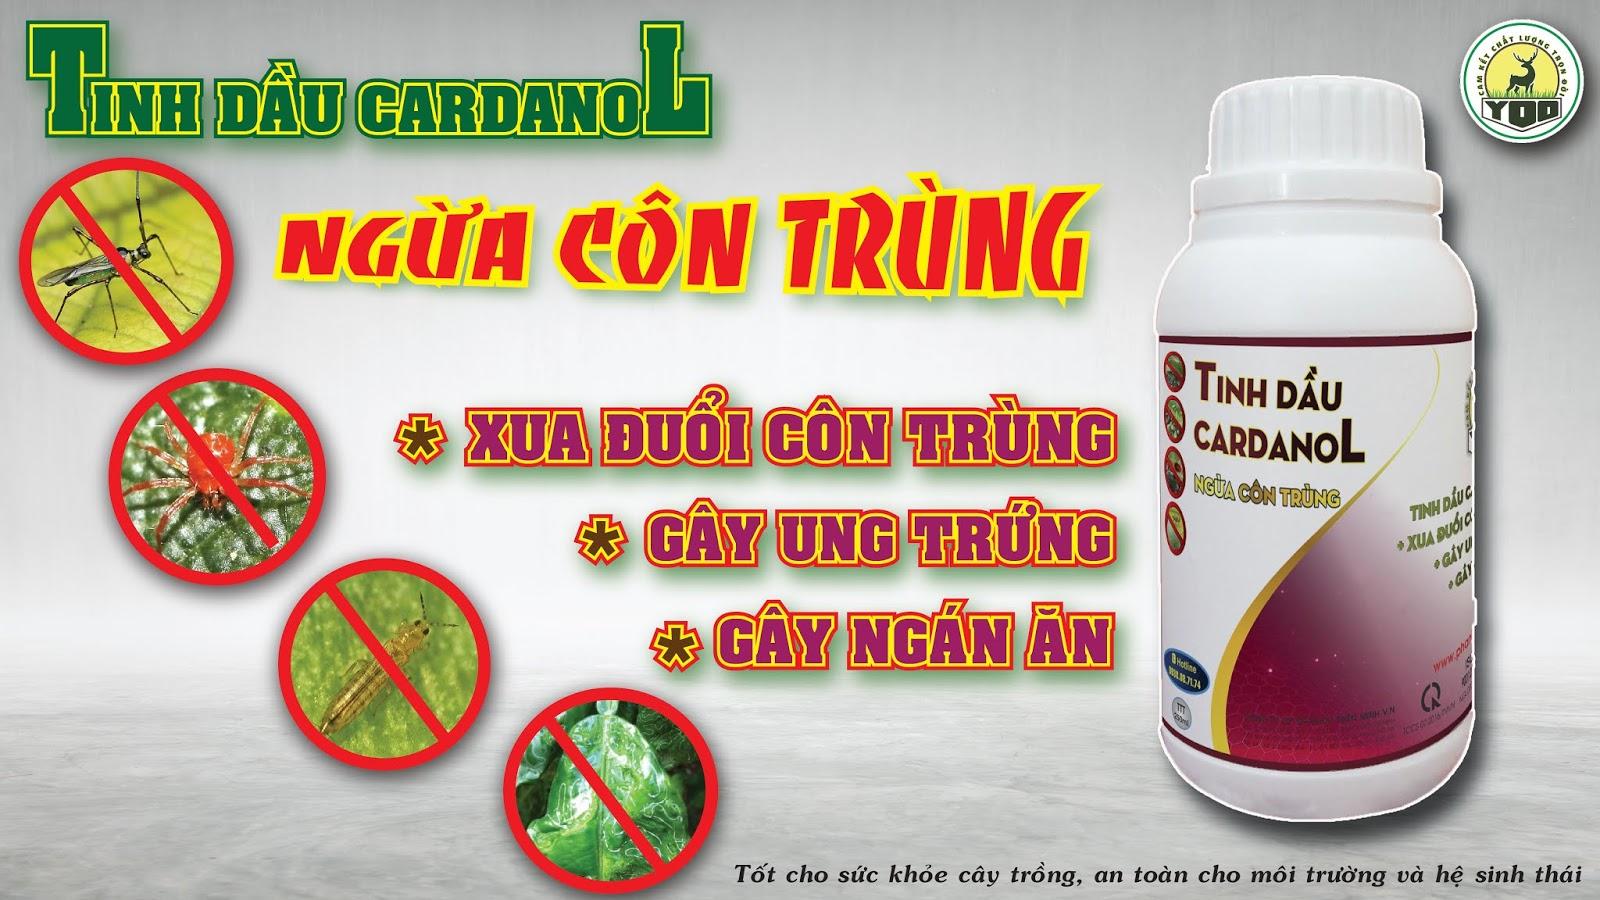 TINH DẦU CARDANOL NGỪA CÔN TRÙNG